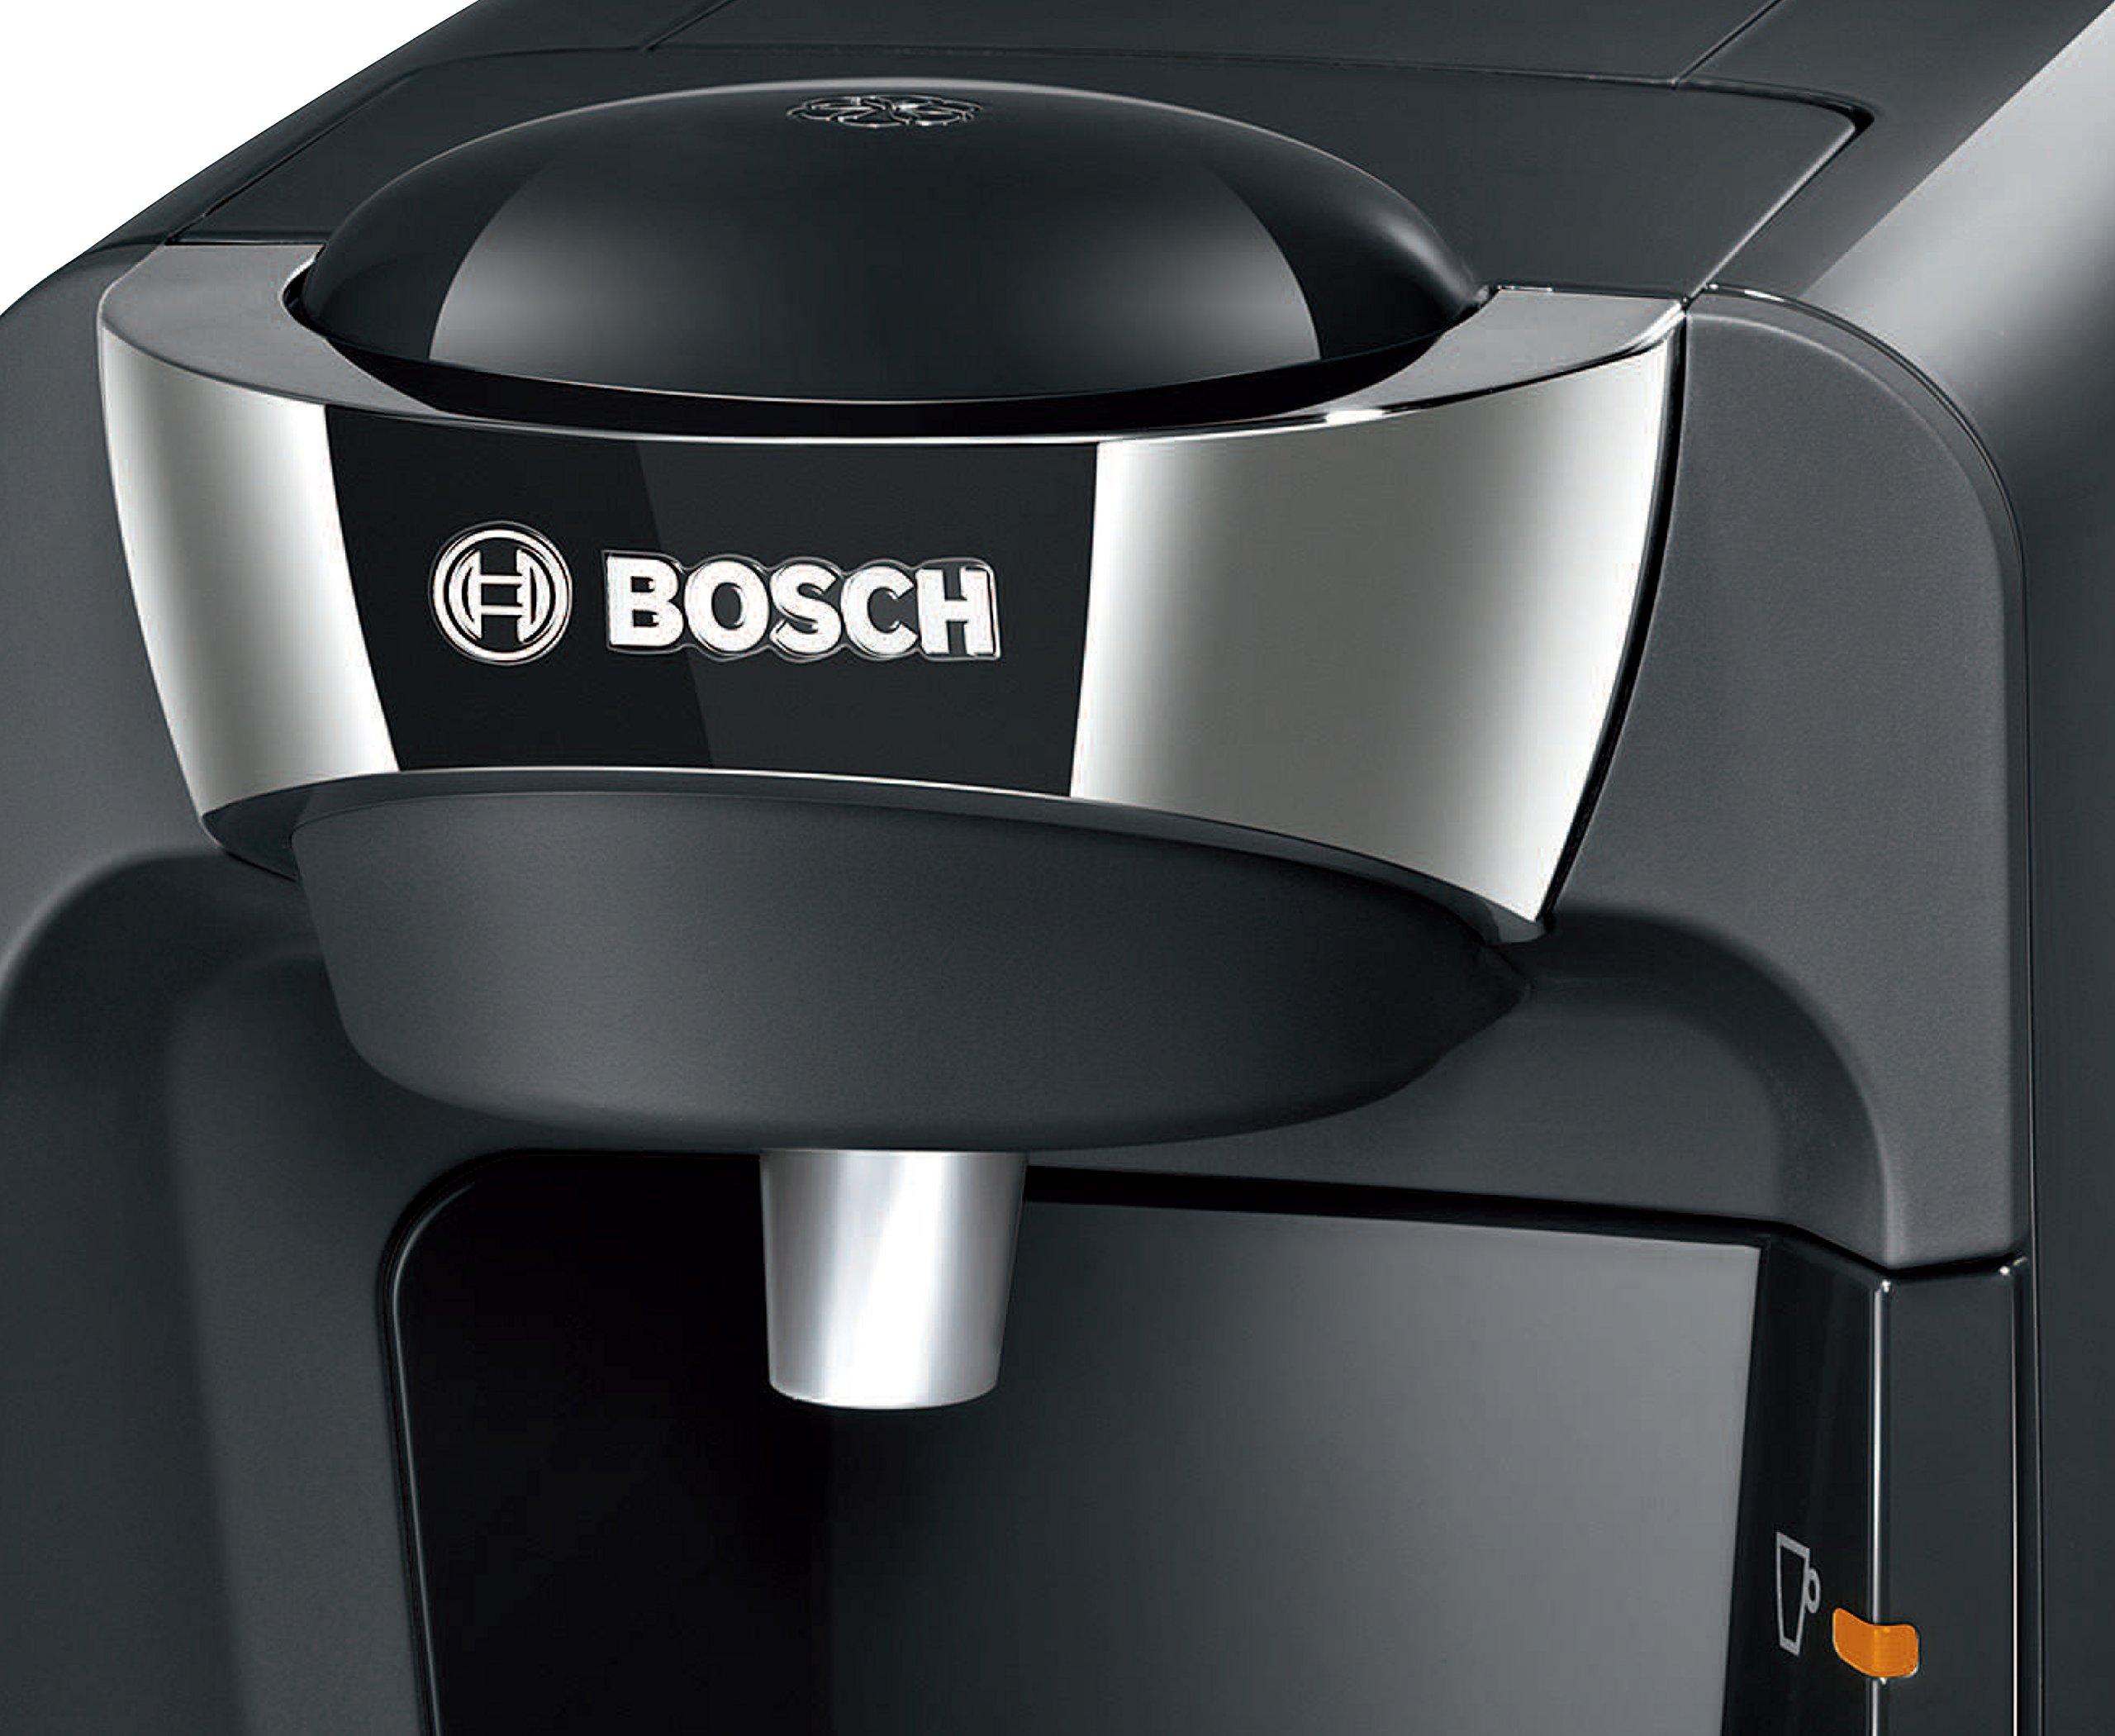 Bosch-Tassimo-Suny-Coffee-Machine-1300-Watt